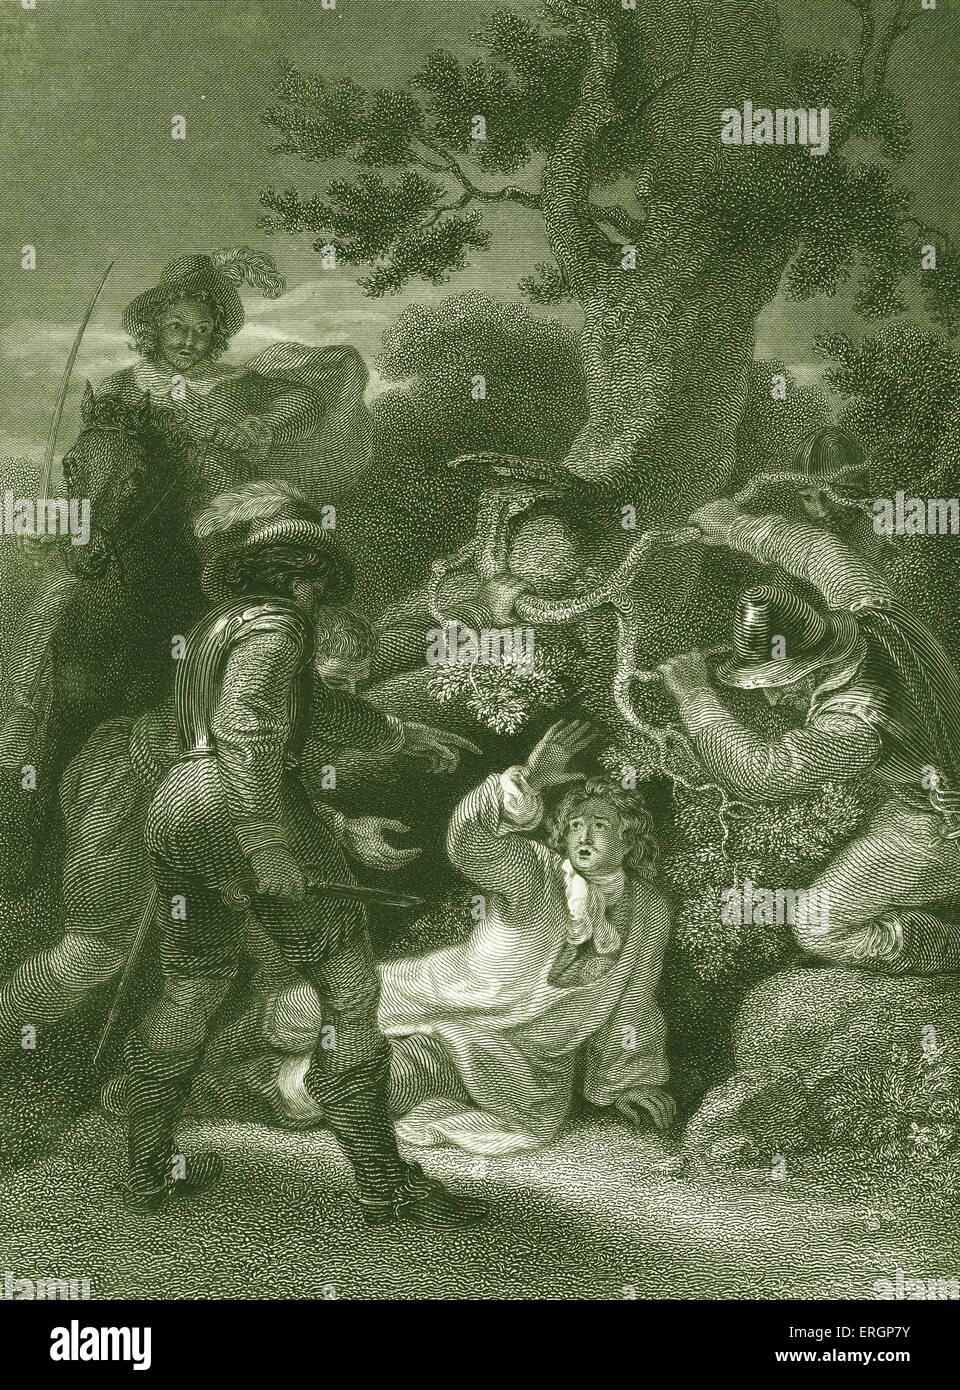 Duke of Monmouth taken after the battle of Sedgemoor. James 1st Duke of Monmouth (1649-1685) the illegitimate son - Stock Image